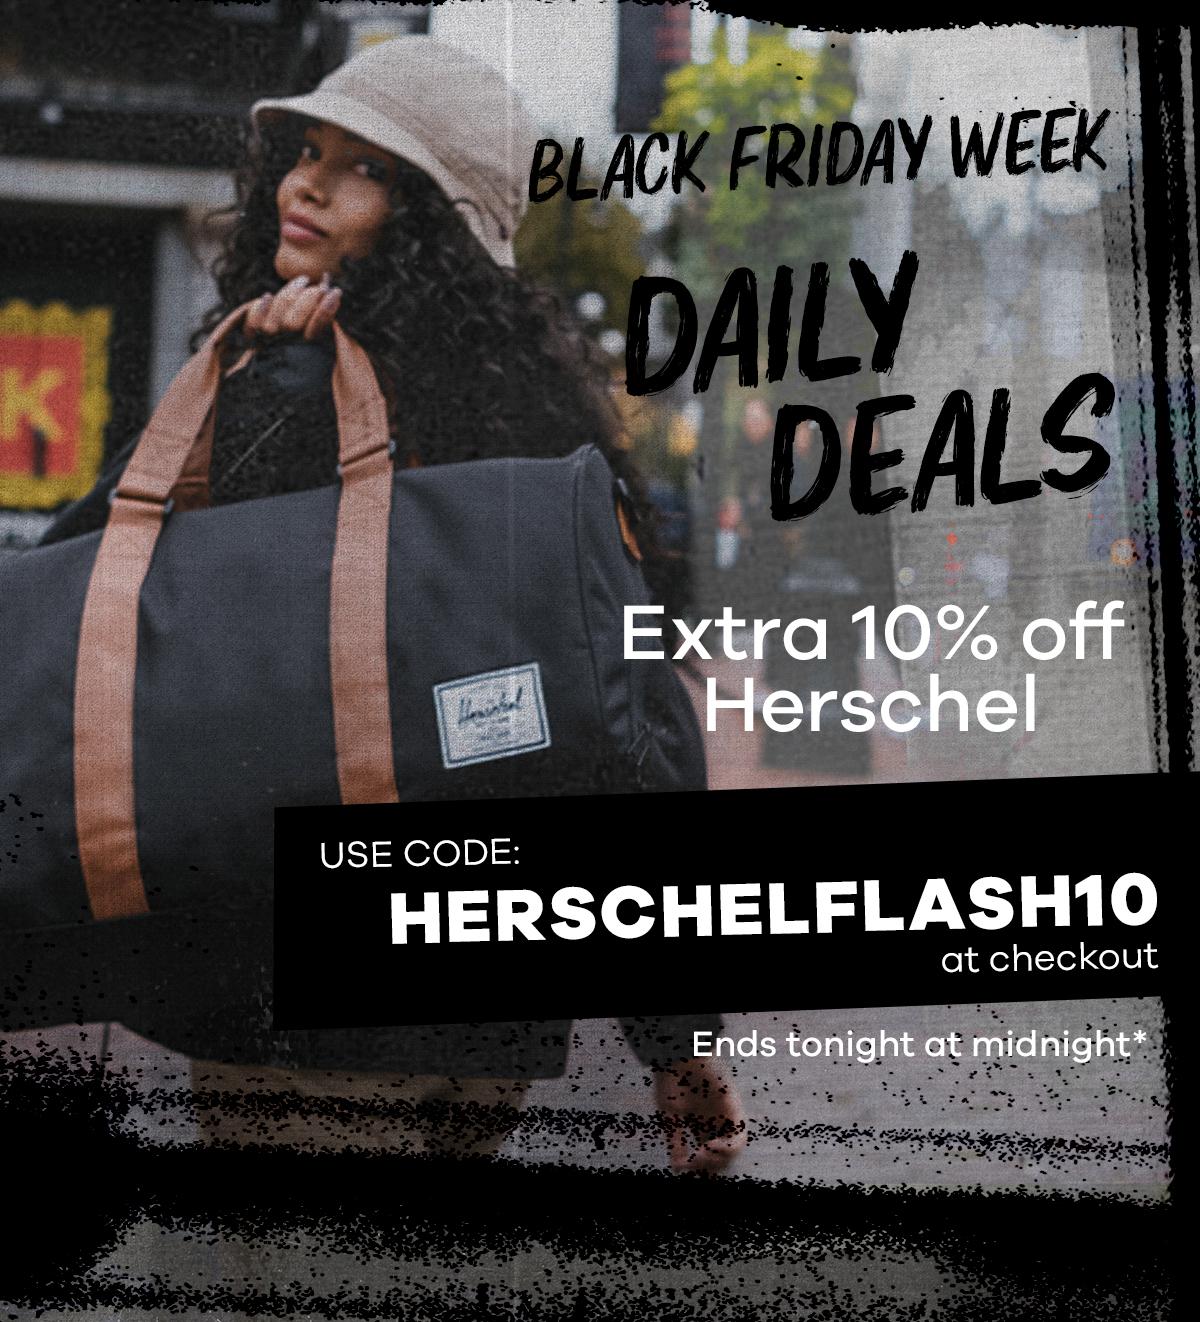 Black Friday Week - Extra 10% off Herschel | Use code HERSCHELFLASH10 at checkout.